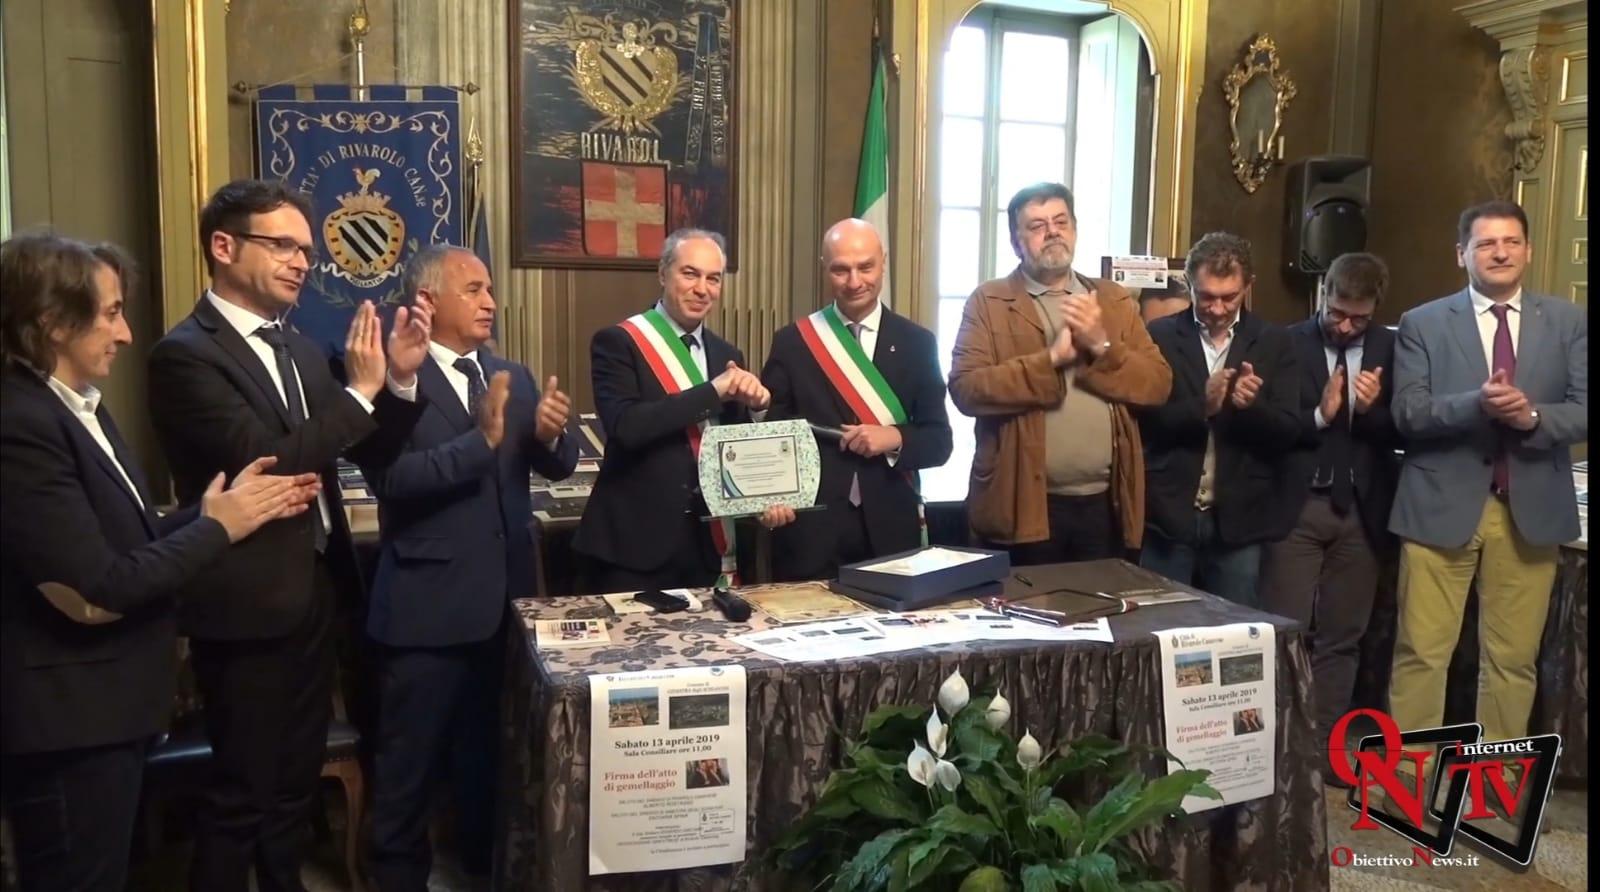 Gemellaggio tra Ginestra degli Schiavoni e Rivarolo Canavese